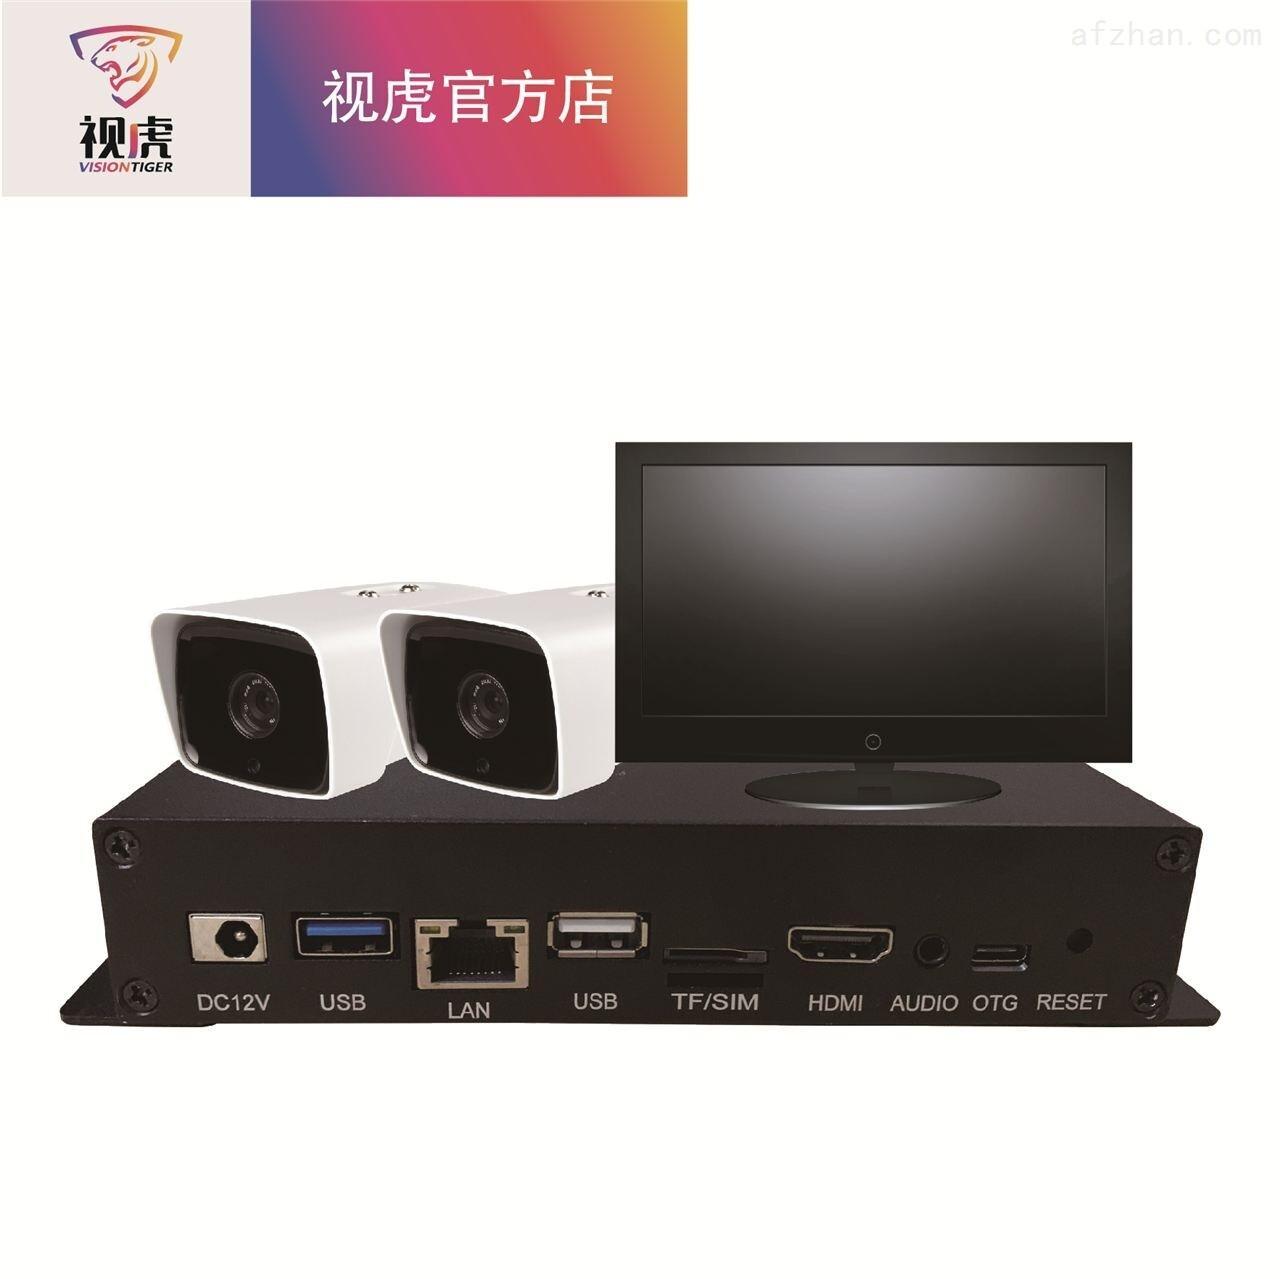 园区人脸识别小盒子-4G/WiFi